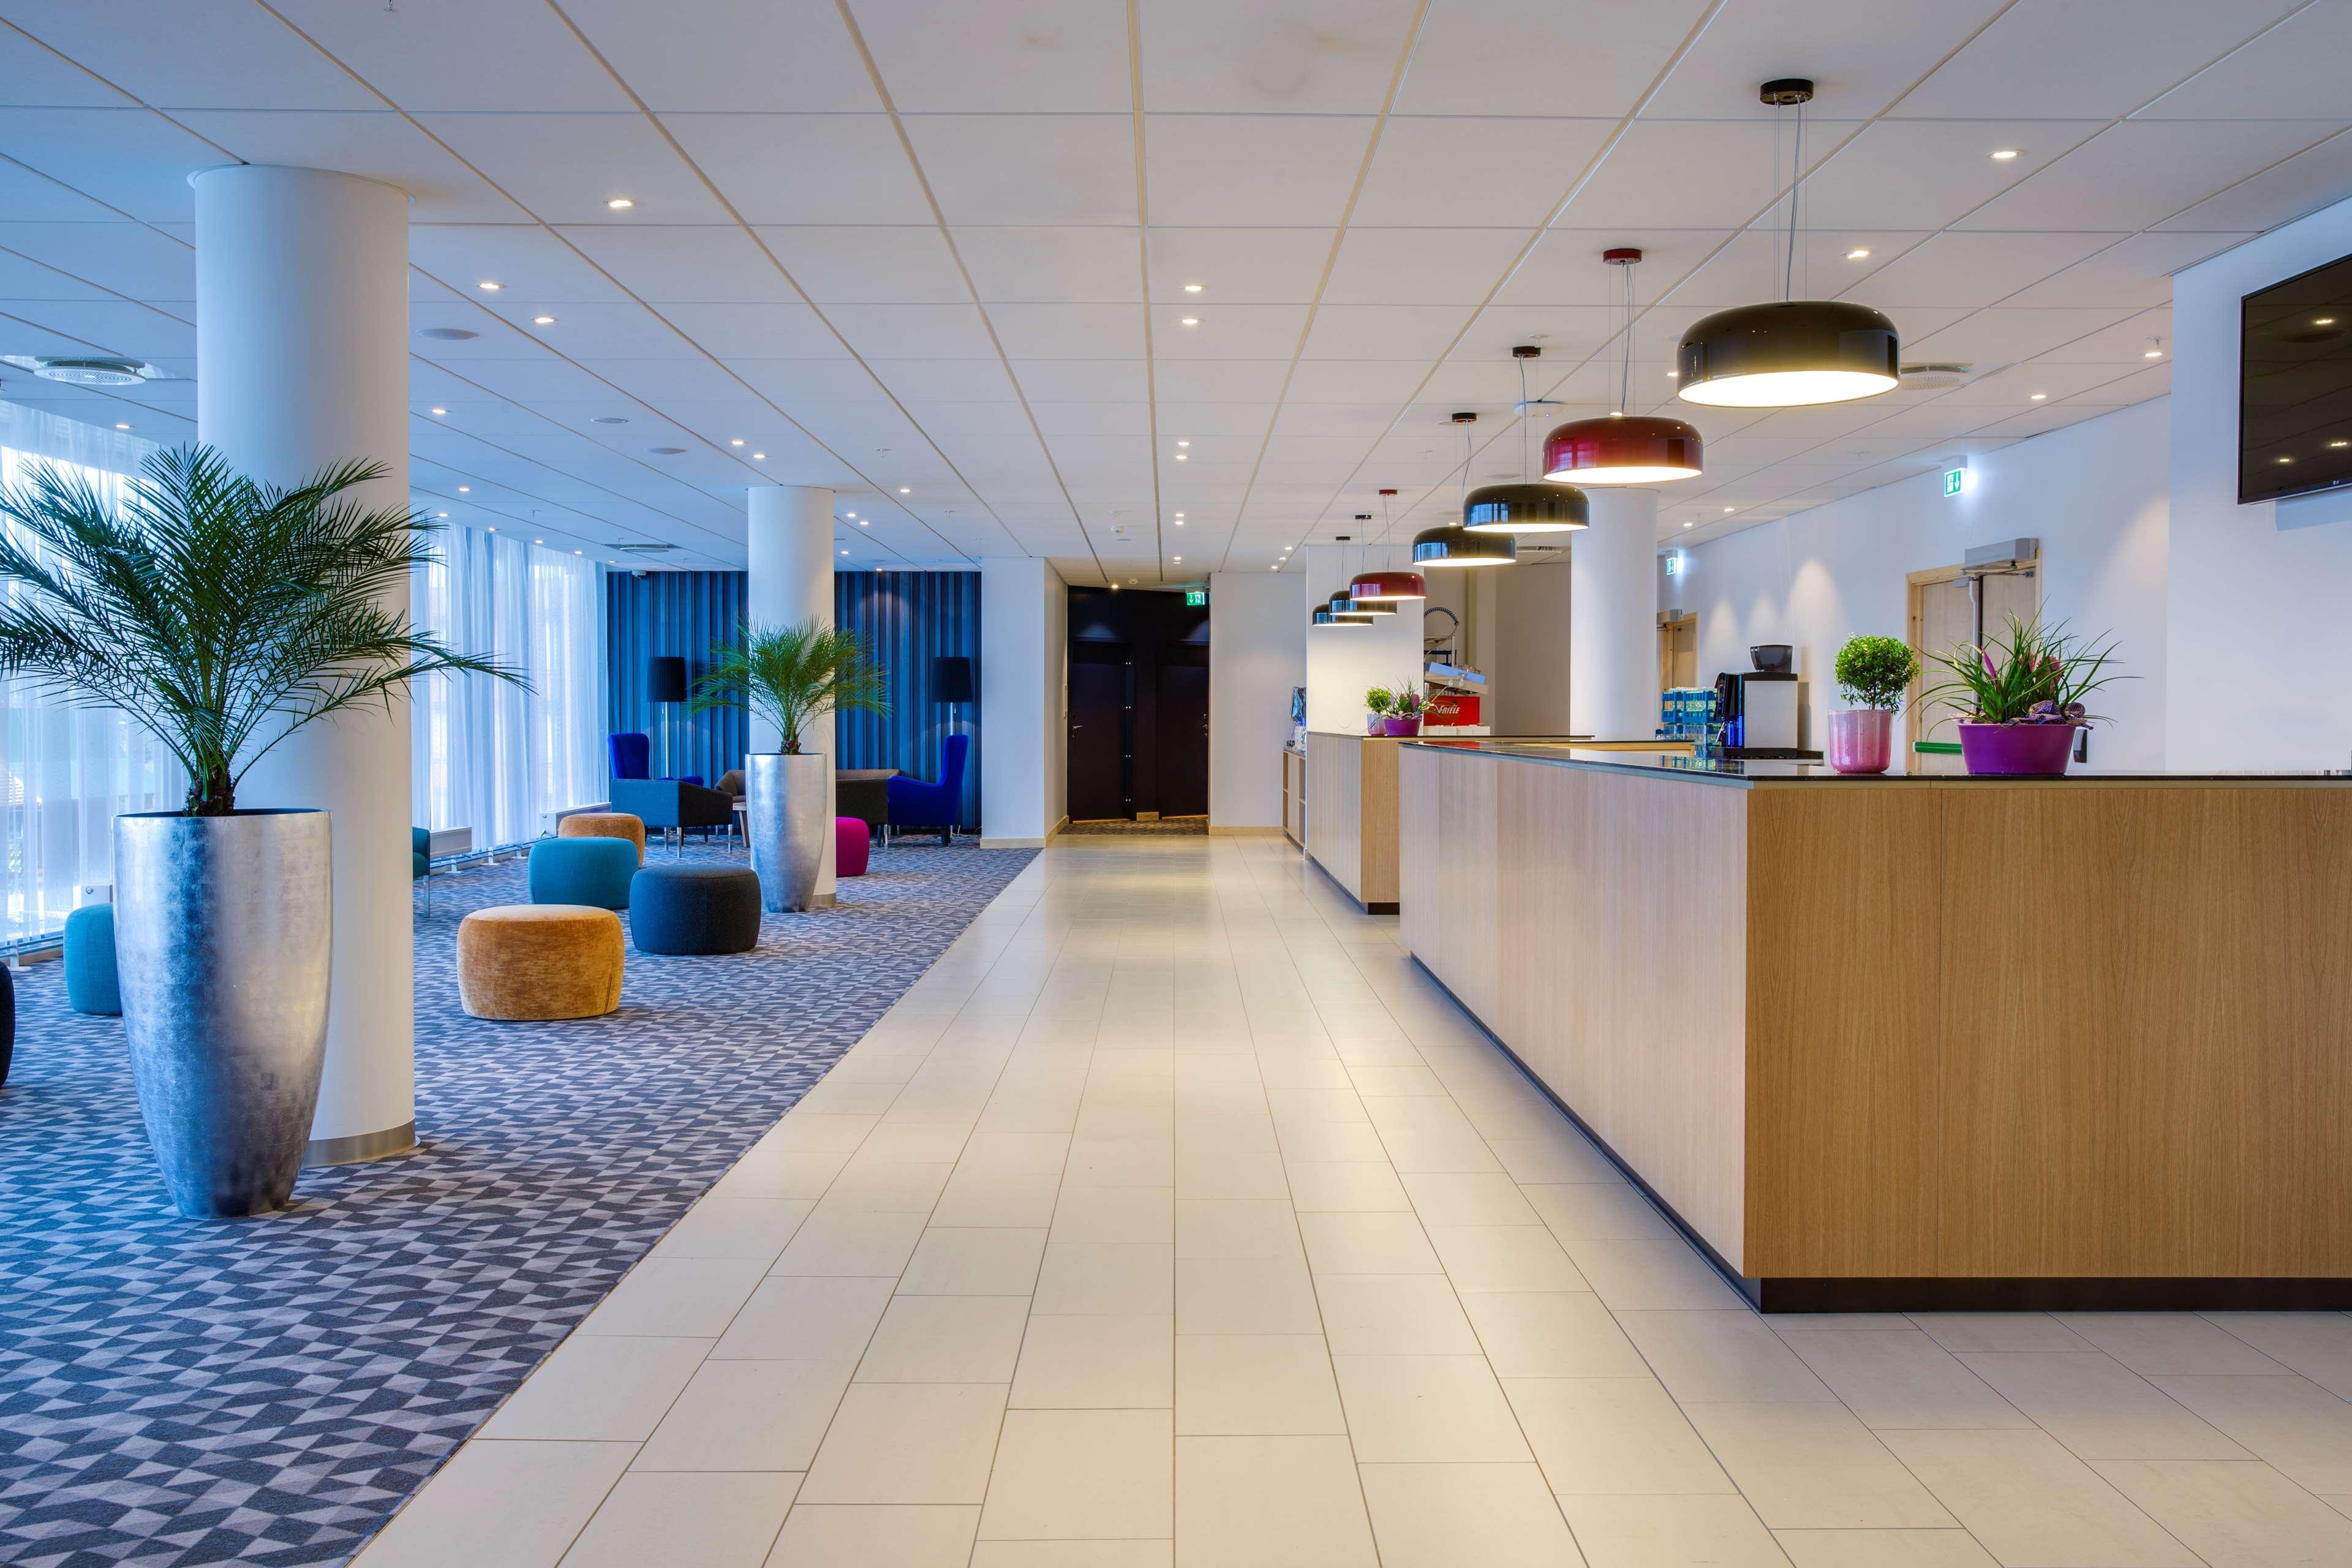 Radisson Blu Hotel & Conference Center, Oslo Alna